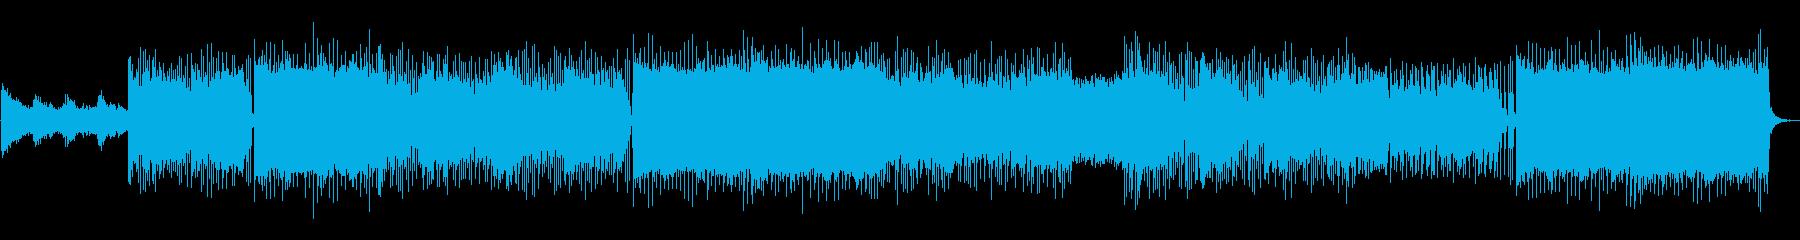 【メロなし】歌モノのようなギターロックの再生済みの波形